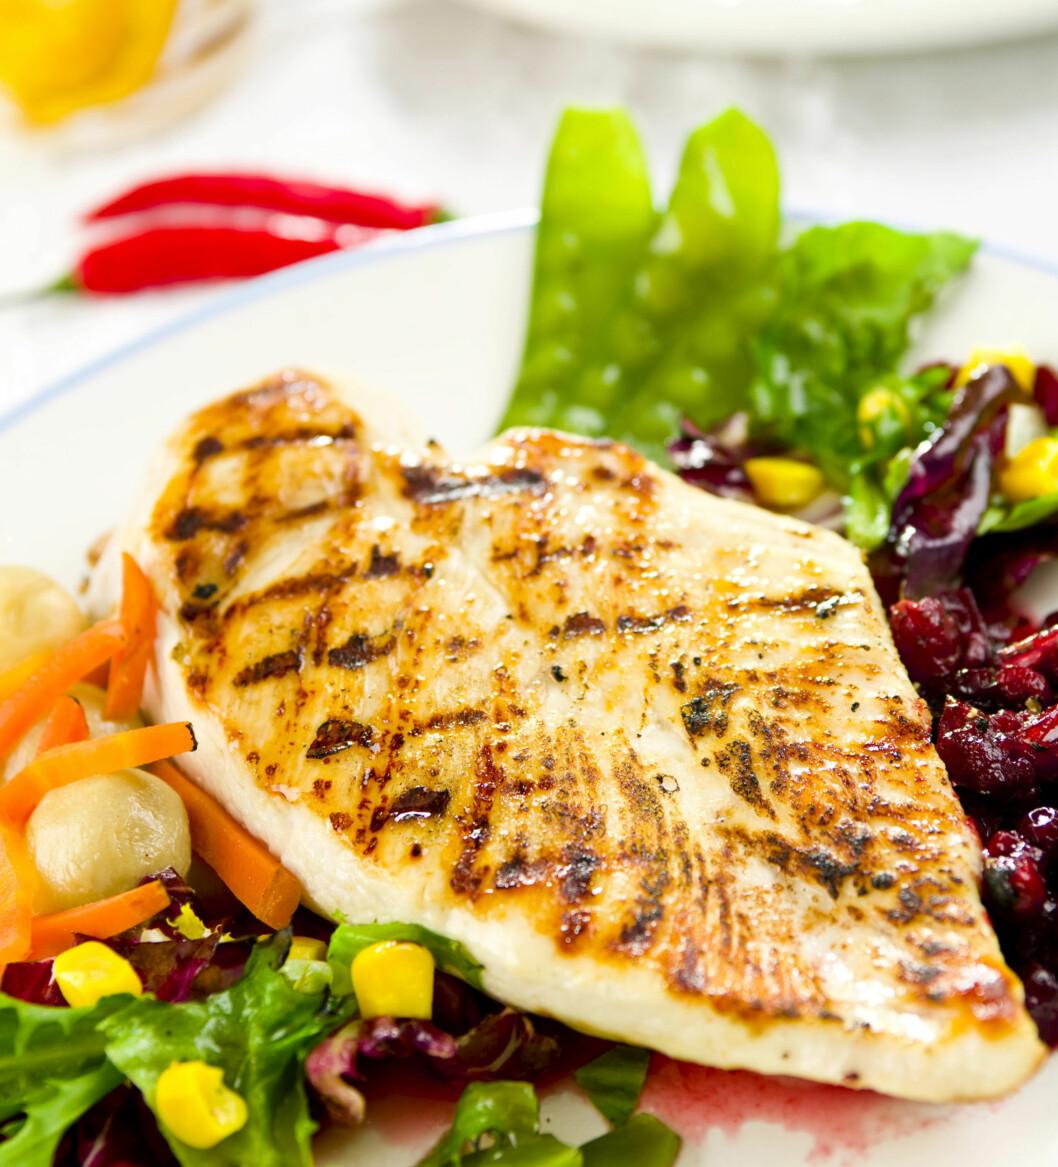 SUNT OG VARIERT: Har du et sunt og variert kosthold trenger du nødvendigvis ikke å ta ekstra kosttilskudd, mener Spicer.  Foto: Fotolia